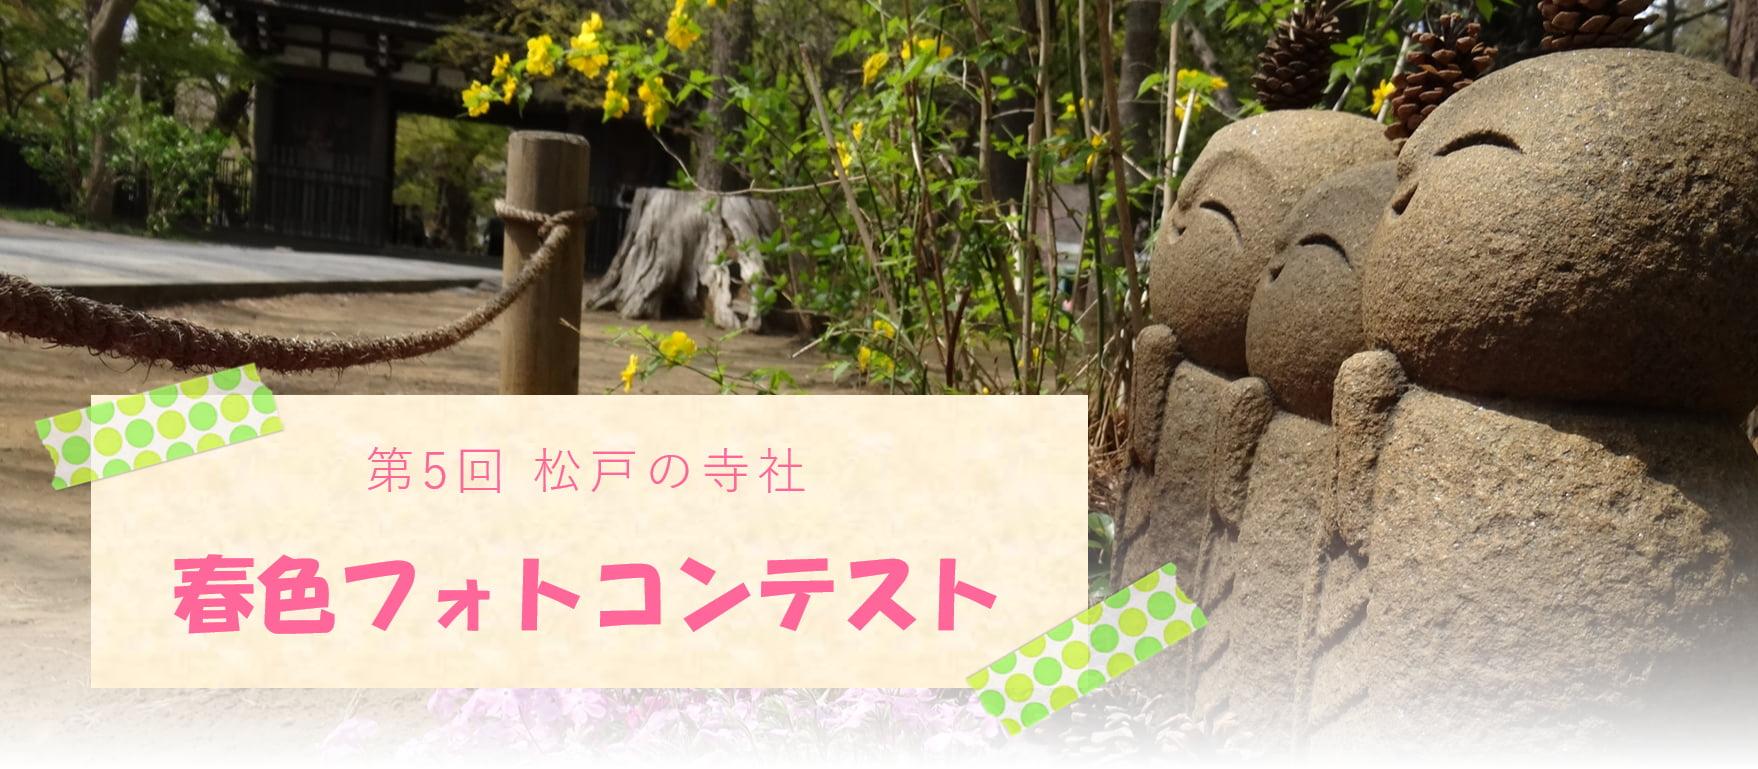 「第5回 松戸の寺社春色フォトコンテスト」開催のお知らせ